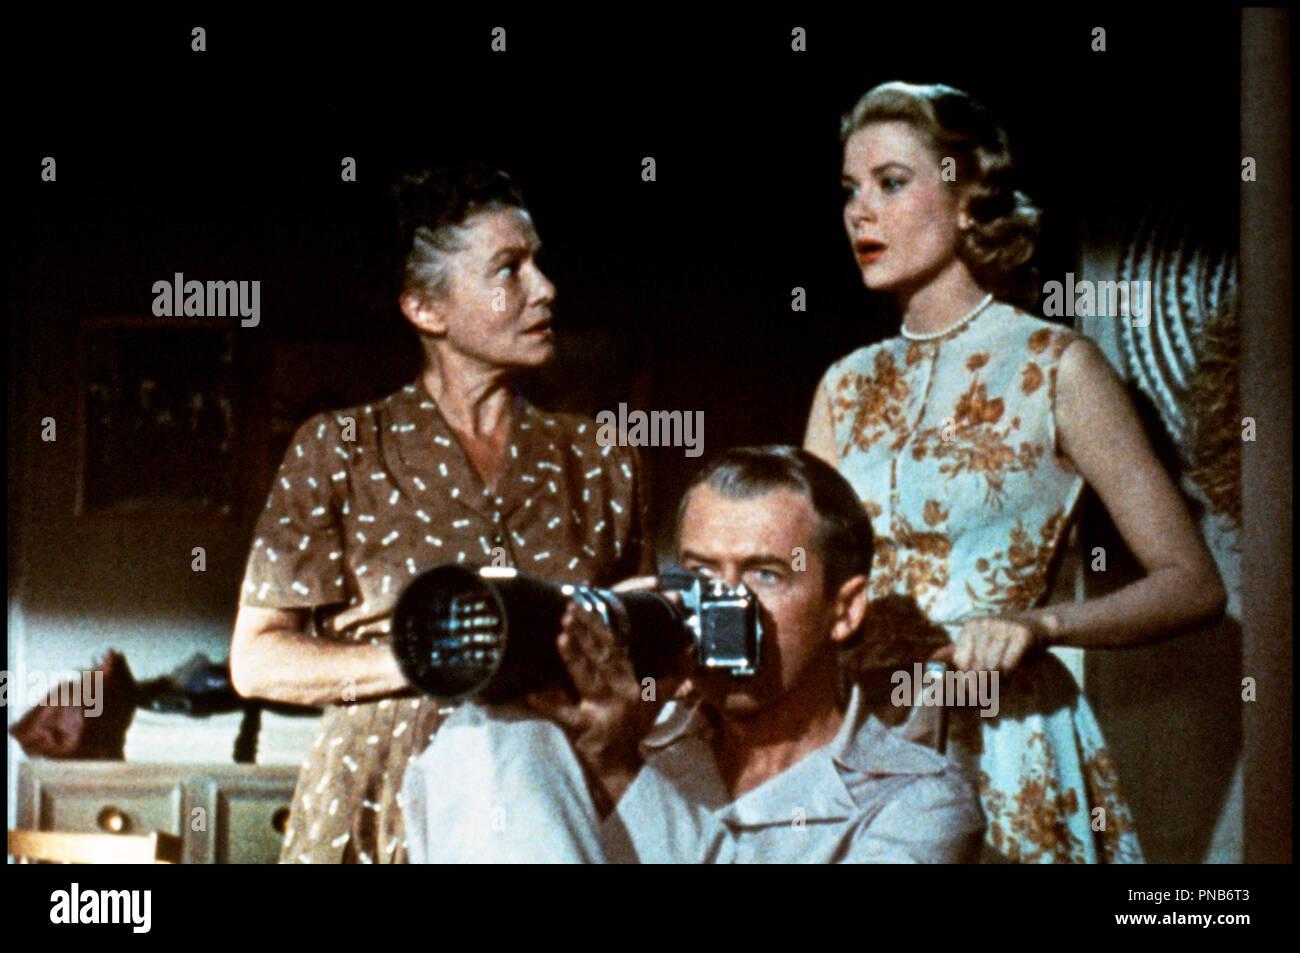 Prod DB © Paramount / DR  FENETRE SUR COUR (REAR WINDOW) de Alfred Hitchcock 1954 USA  avec Thelma Ritter, James Stewart et Grace Kelly voyeurisme, appareil photographique, paparazzi, zoom, invalide, pyjama, trio d'apres Cornell Woolrich  classique - Stock Image